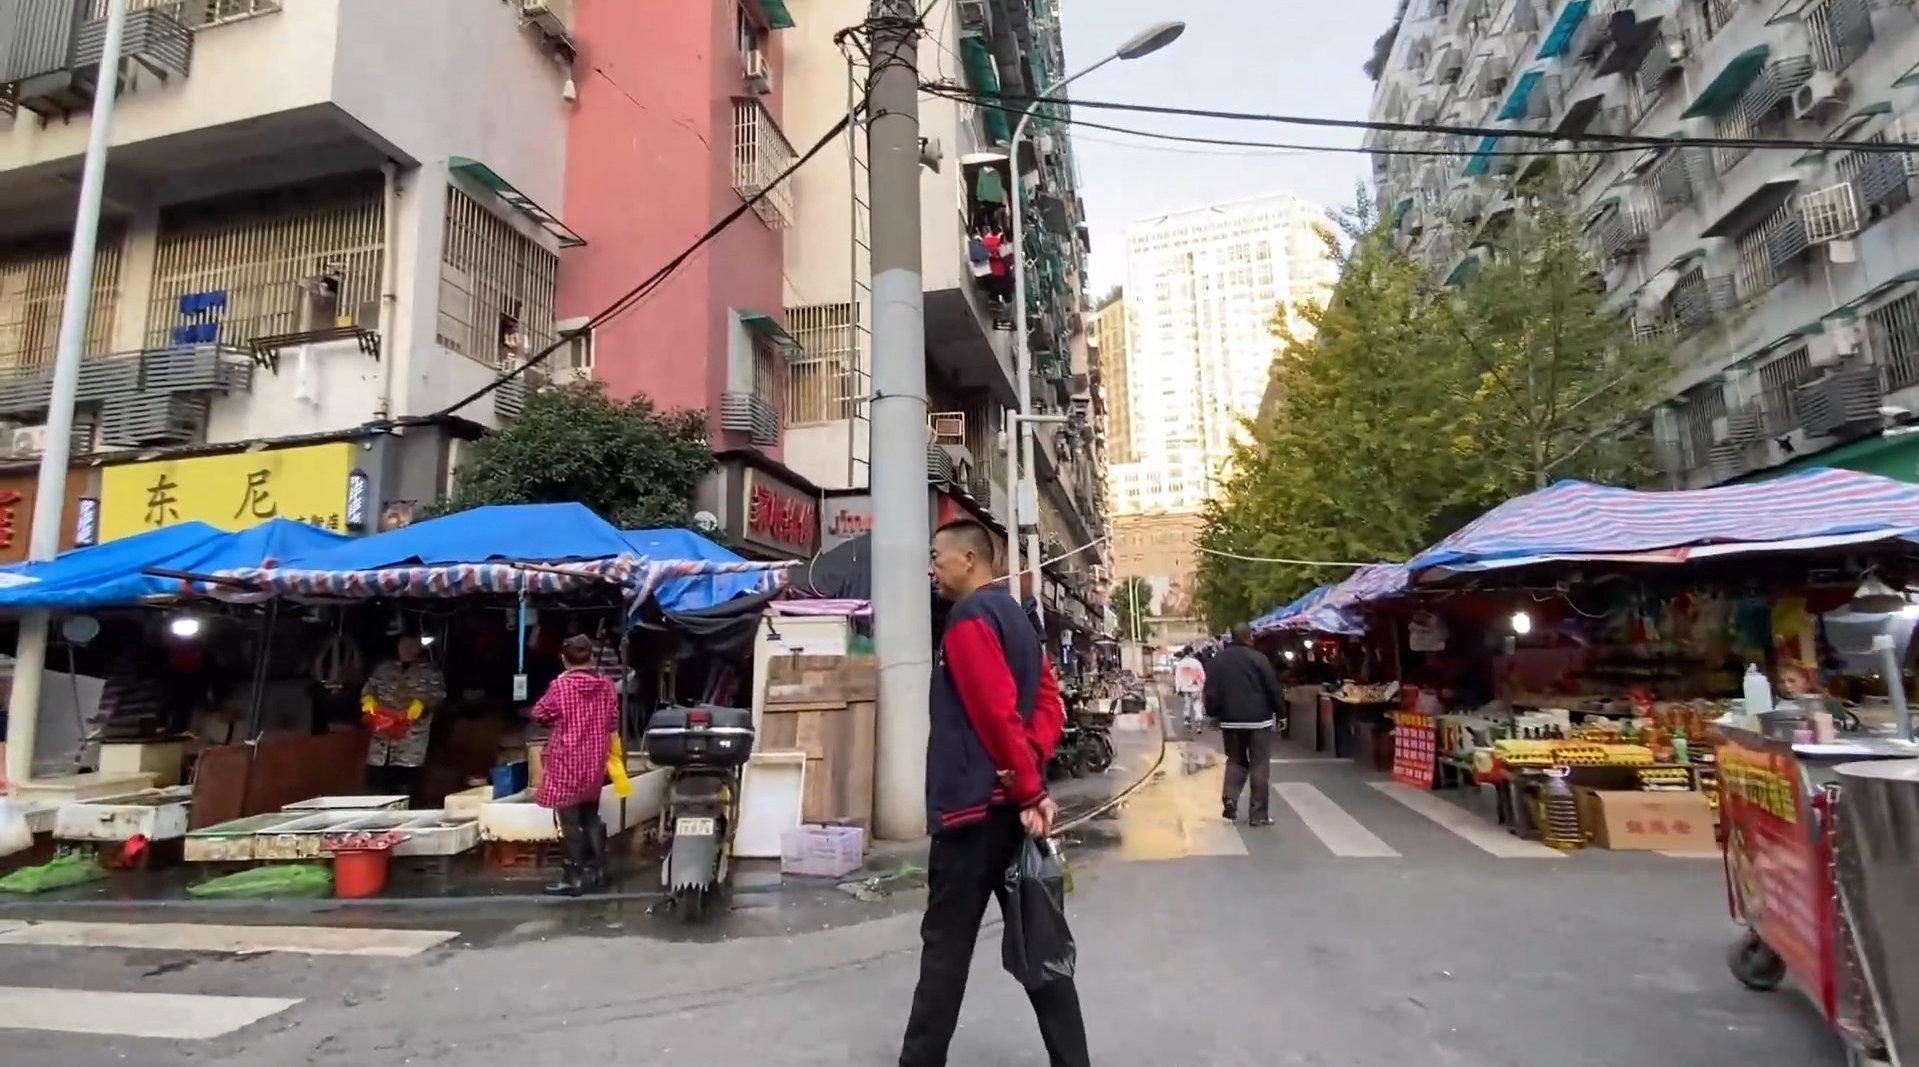 武汉菜场要求女摊贩不超过45岁,商贩:那我们都不能卖菜了